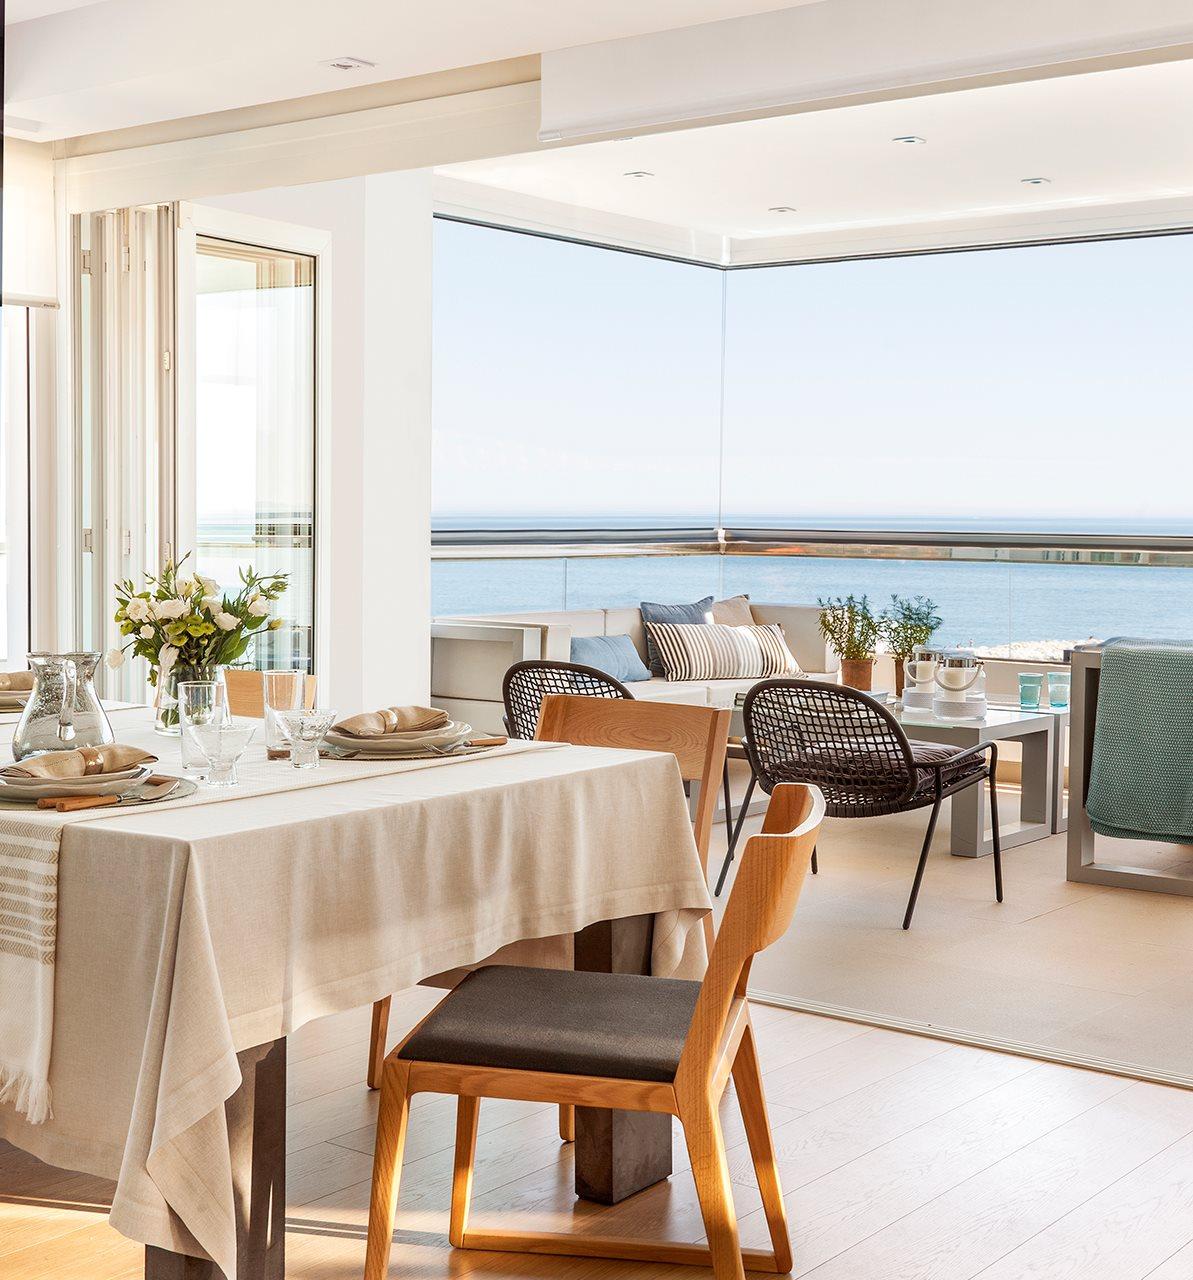 """12 1 - Precioso piso de ensueño en Málaga: """"Las vistas al mar no tienen precio"""""""